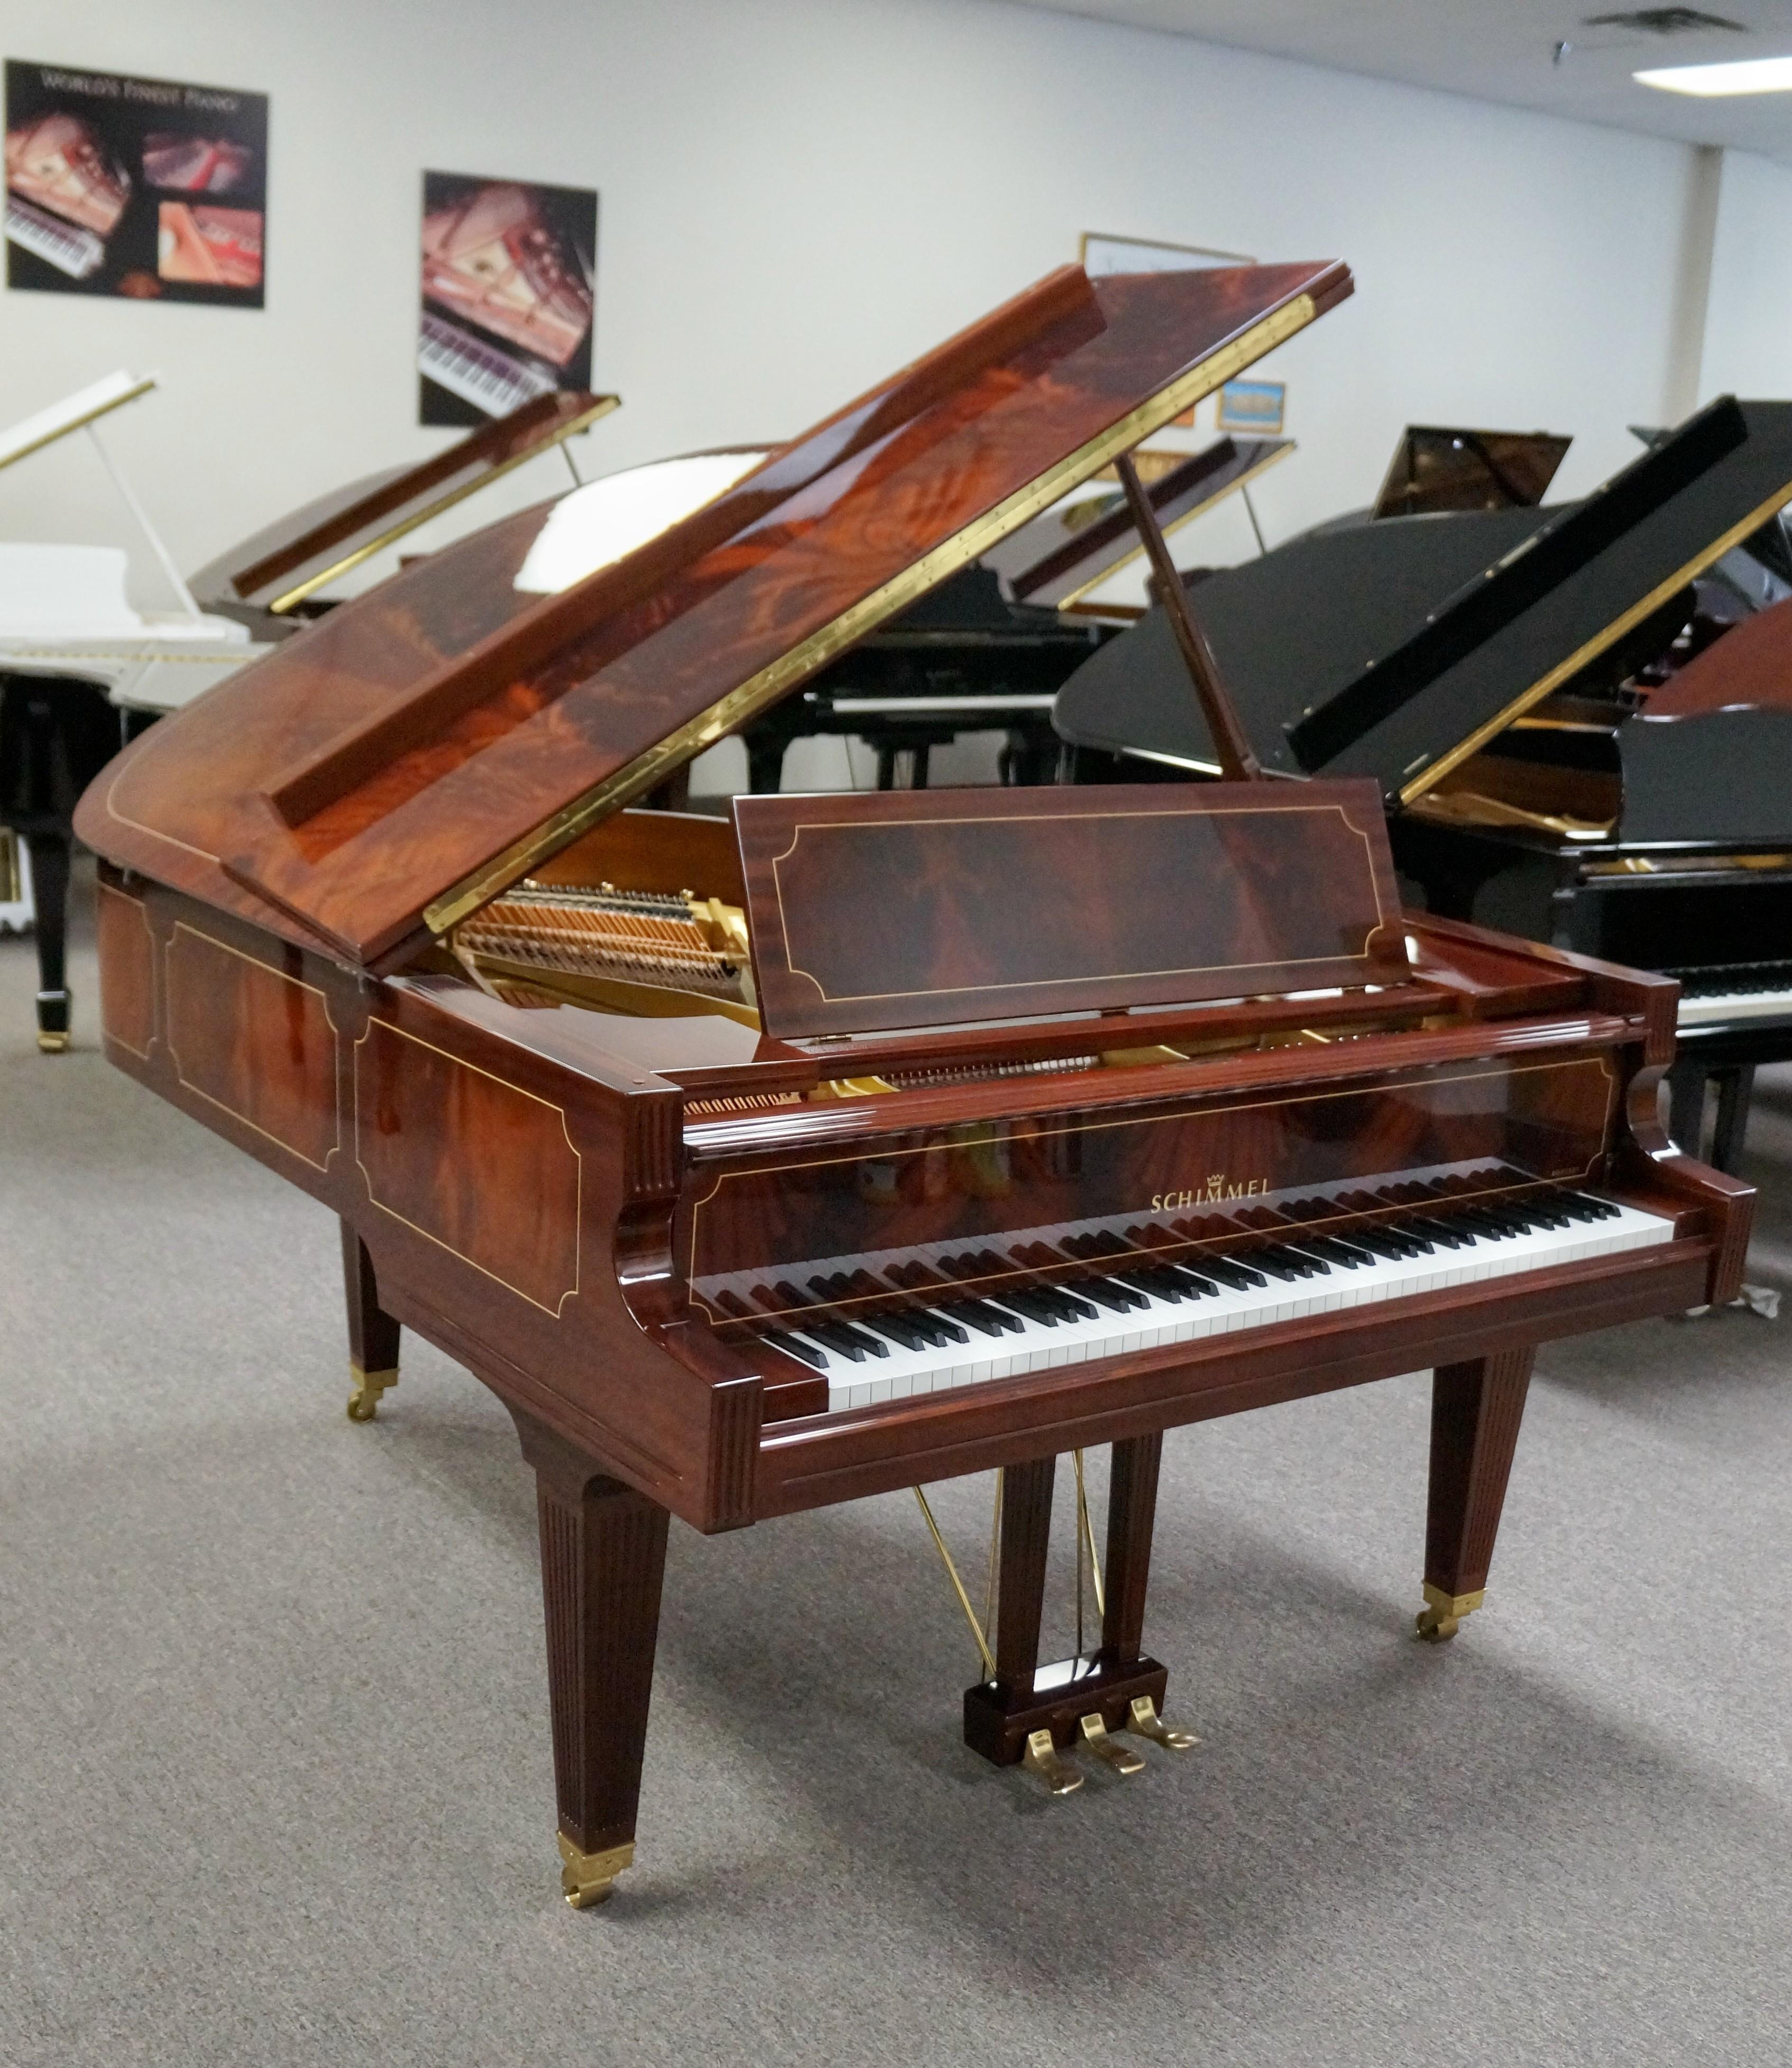 Schimmel Empire Grand Piano